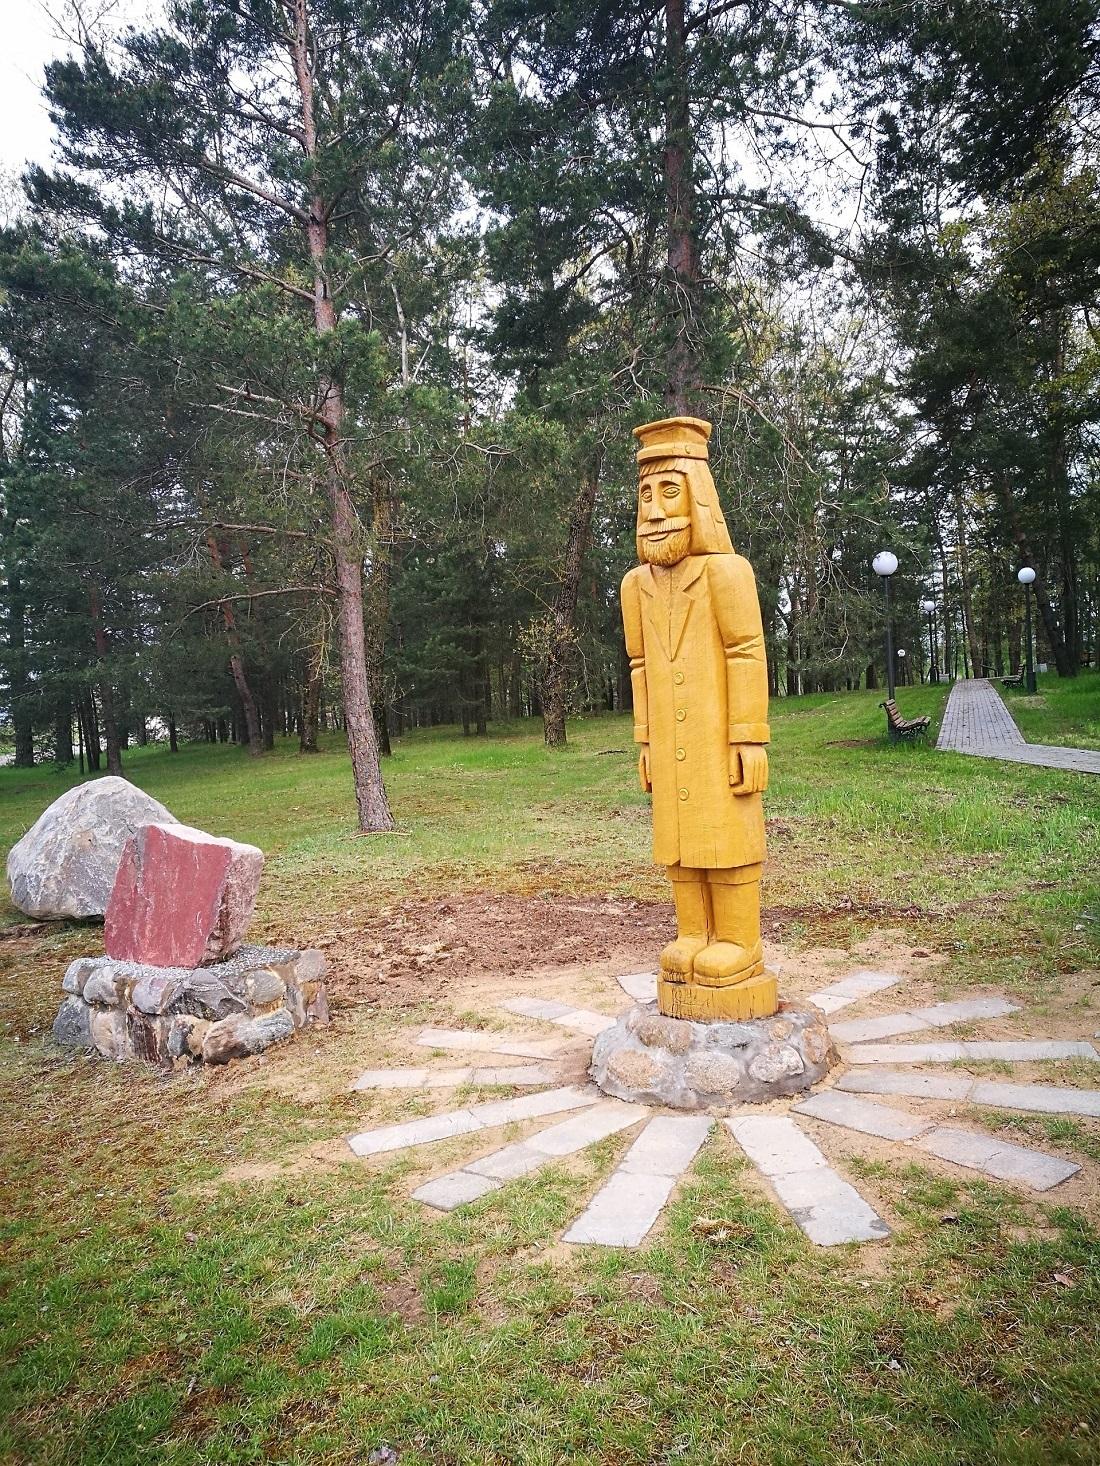 """Skulptūra """"Bernaitis-šveplys"""", kuris, anot legendos, atnešė kaimui pavadinimą. Jis ir legenda visuomet jūsų lauks Beinaičių parkelyje. Už padovanotą ąžuolą skulptūrai bendruomenė dėkoja Vaidui Deikai. Asmeninio archyvo nuotr."""